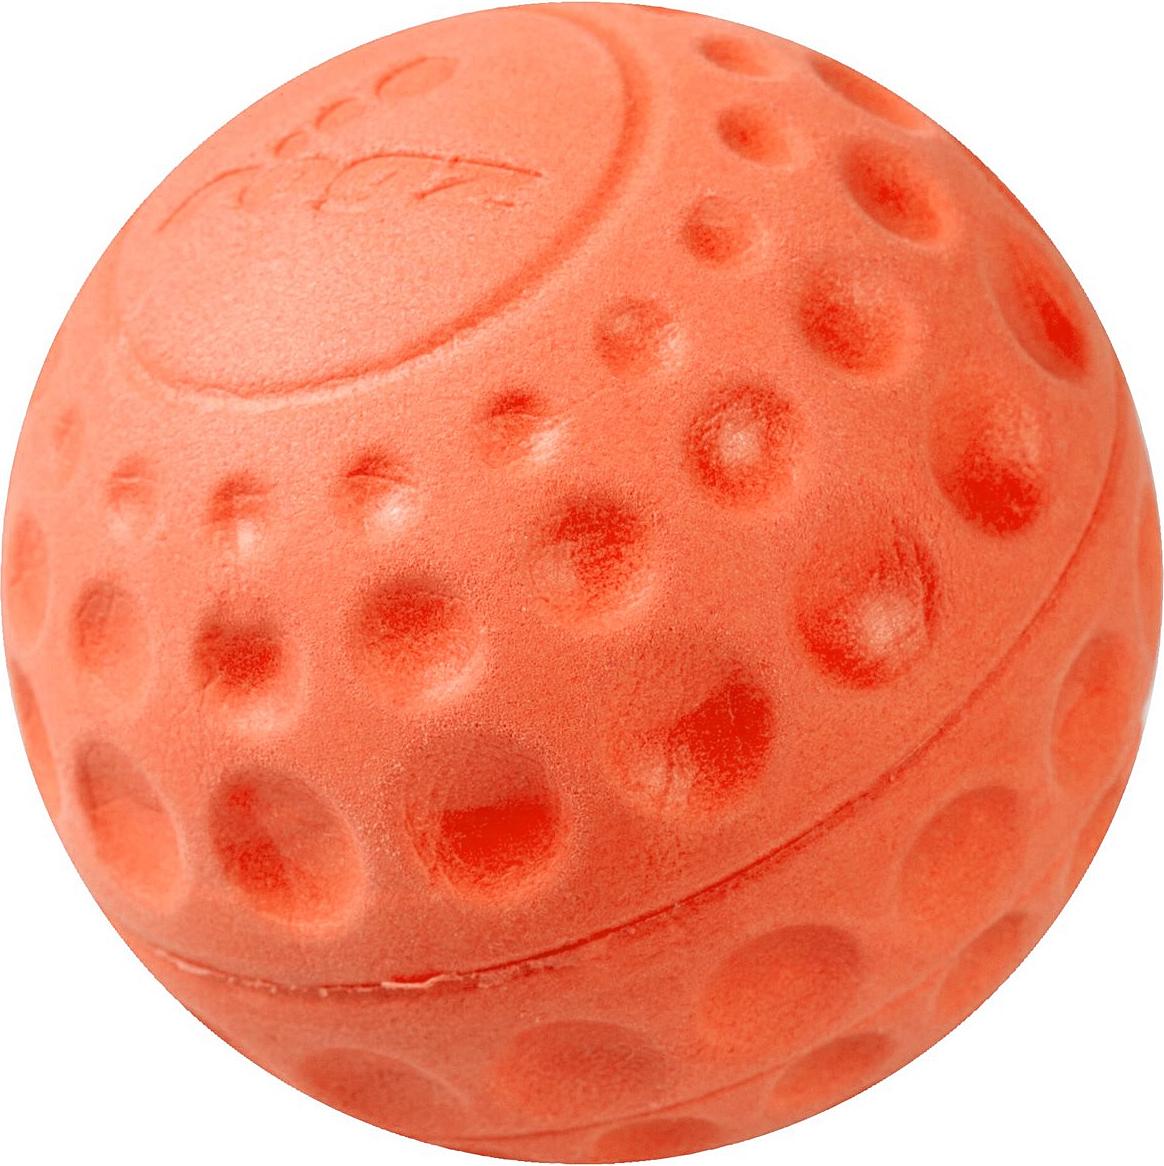 Игрушка для собак Rogz Asteroidz, цвет: оранжевый, диаметр 6,4 смAS02DМяч для собак Rogz Asteroidz предназначен для игры с хозяином Принеси.Мяч имеет небольшой вес, не травмирует десны, не повреждает зубы, удобно носить в пасти.Отличная упругость для подпрыгивания.Изготовлено из особого термоэластопласта Sebs, обеспечивающего великолепную плавучесть в воде, поэтому игрушка отлично подходит для игры в водоеме. Материал изделия: EVA (этиленвинилацетат) - легкий мелкопористый материал, похожий на застывшую пену.Не токсичен.